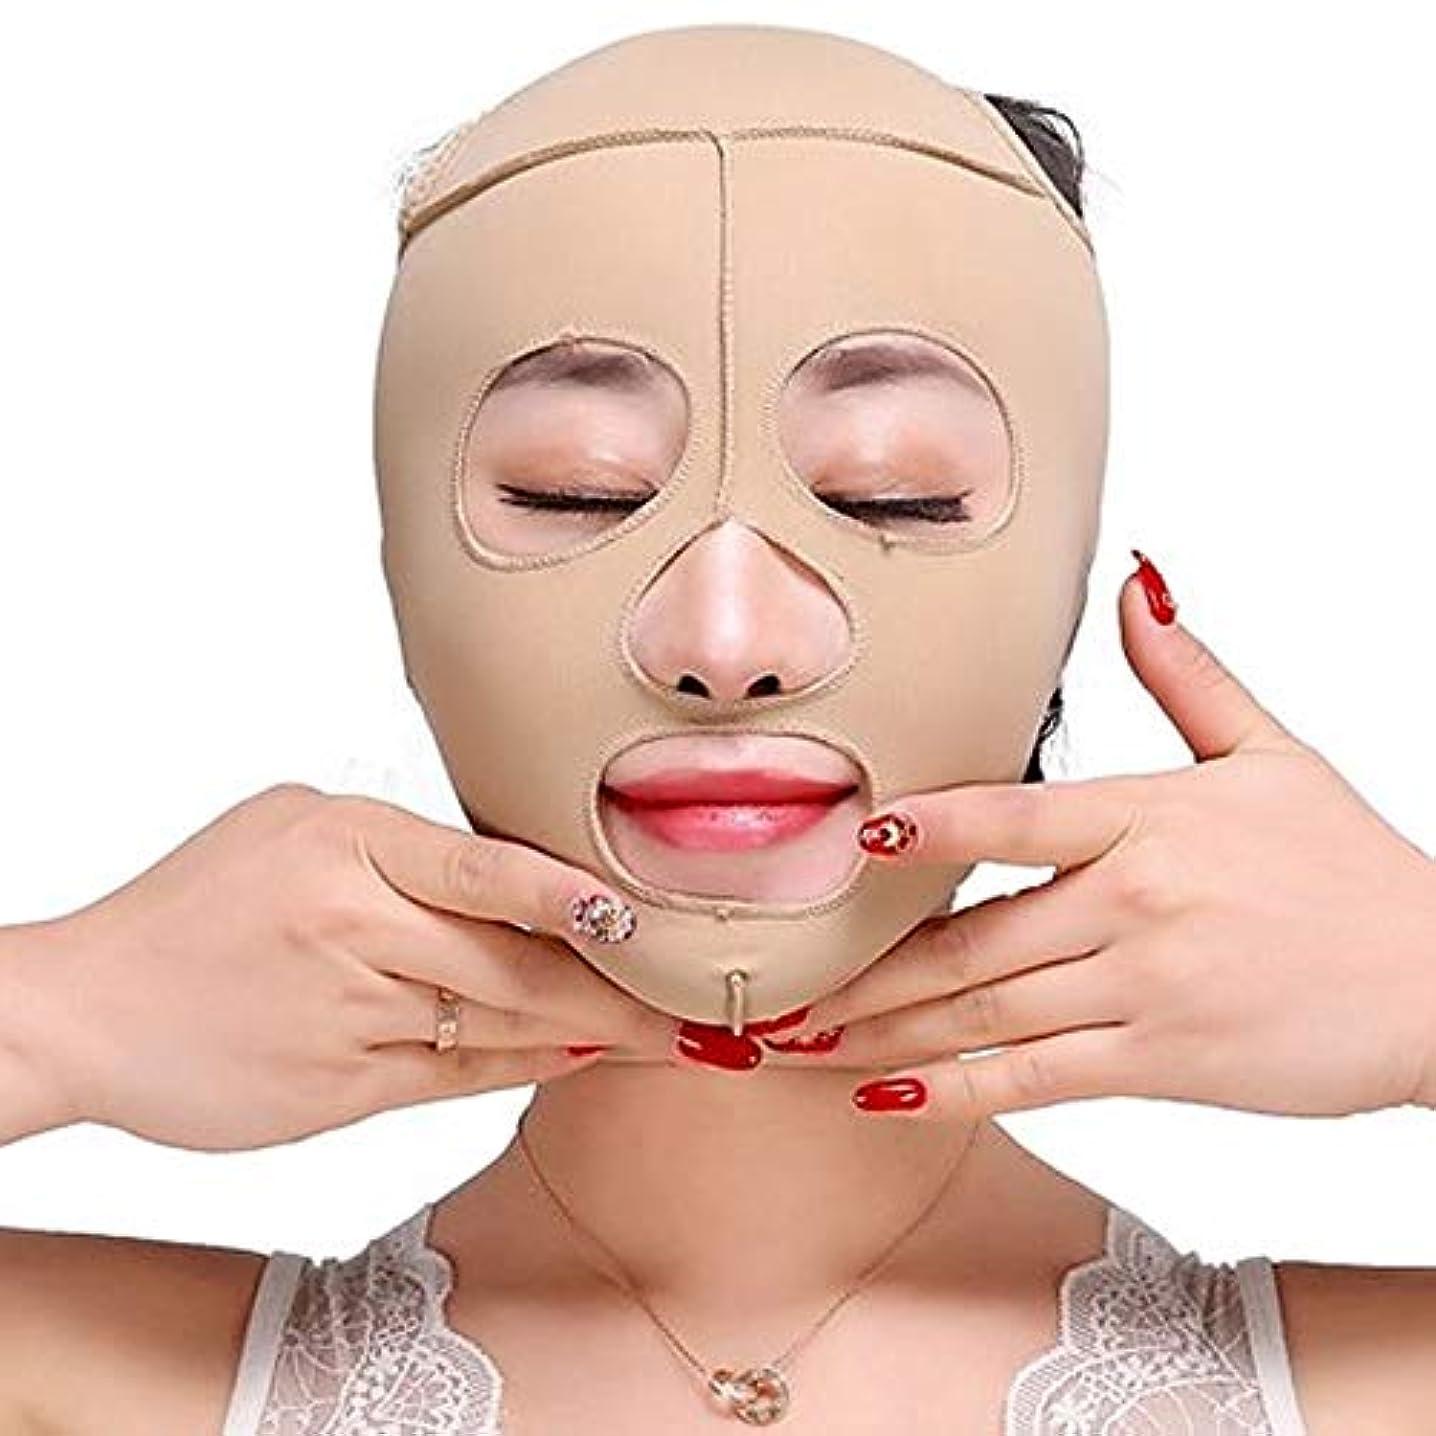 ダッシュ証言エクスタシーフェイスリフティングアーティファクト睡眠薄い顔顔の顔薄い顔V顔マスク二重あご薄い顔包帯肌色 (サイズ さいず : XL)